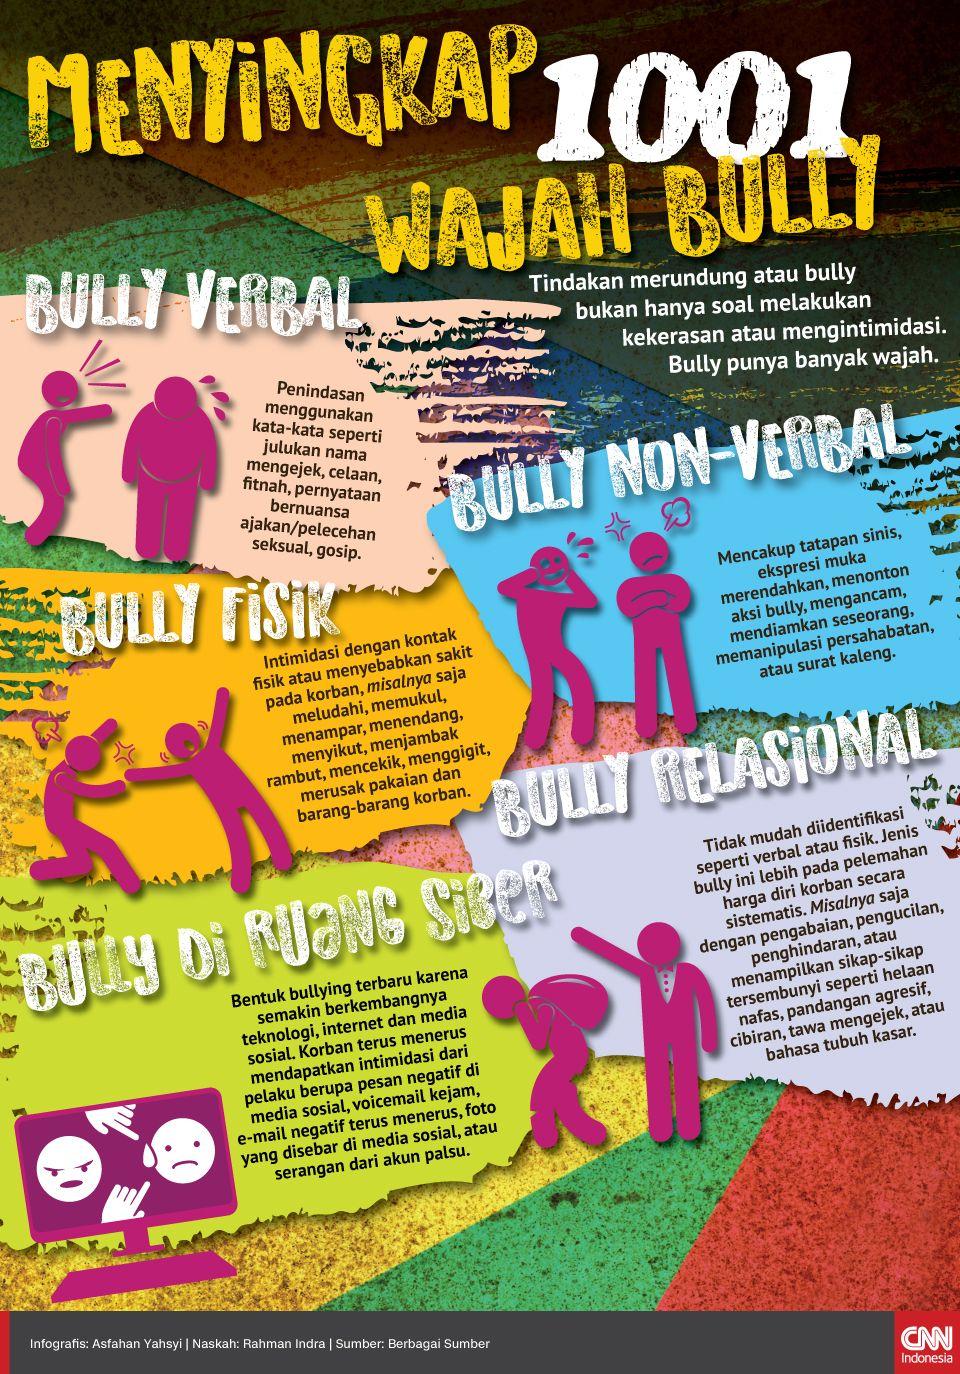 Infografis Menyingkap 1001 Wajah Bully